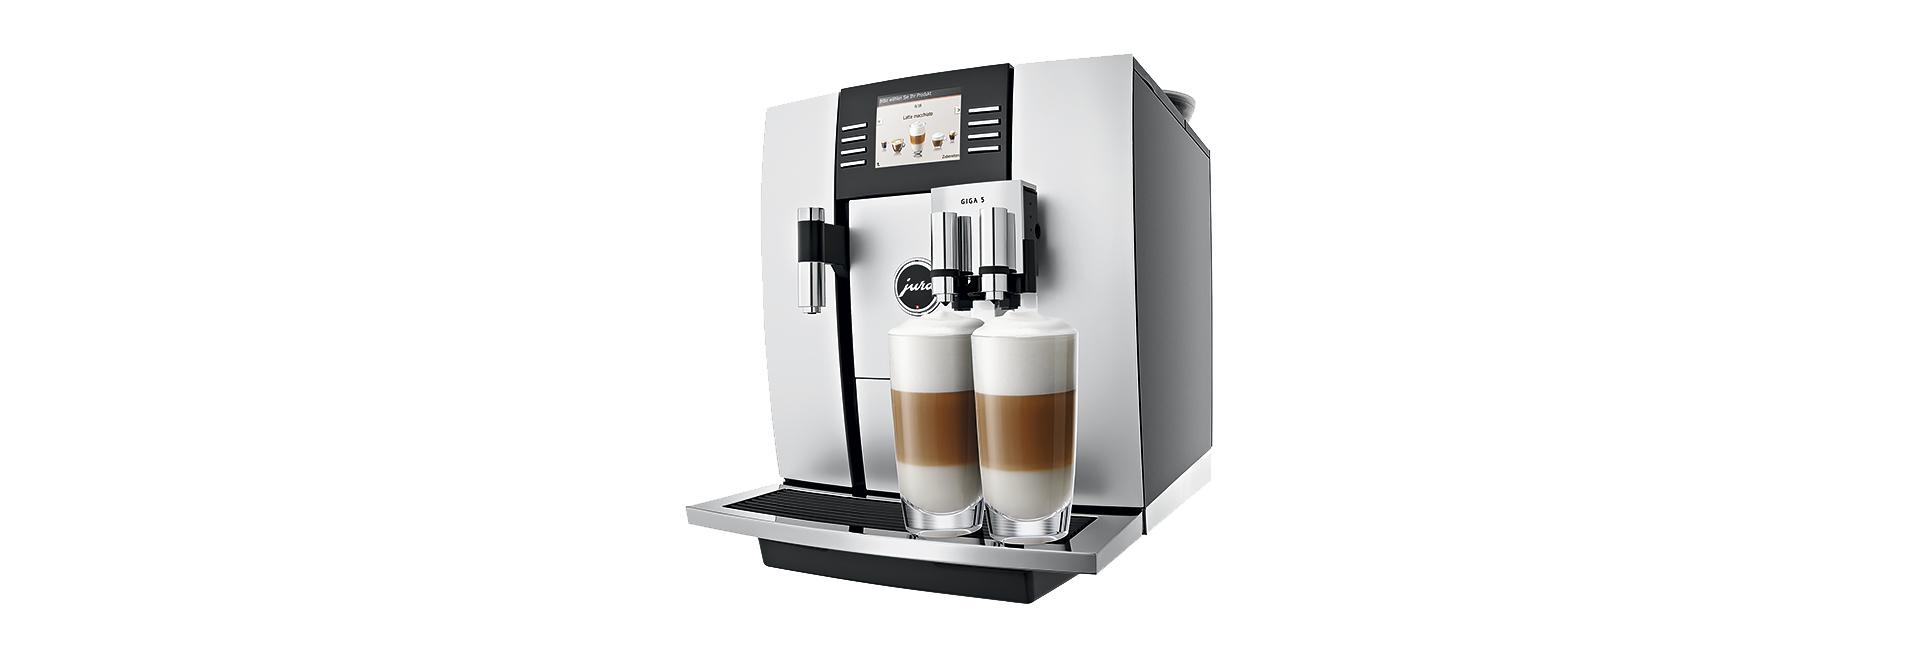 Как выбрать идеальную кофемашину в Москве? (фото 2)